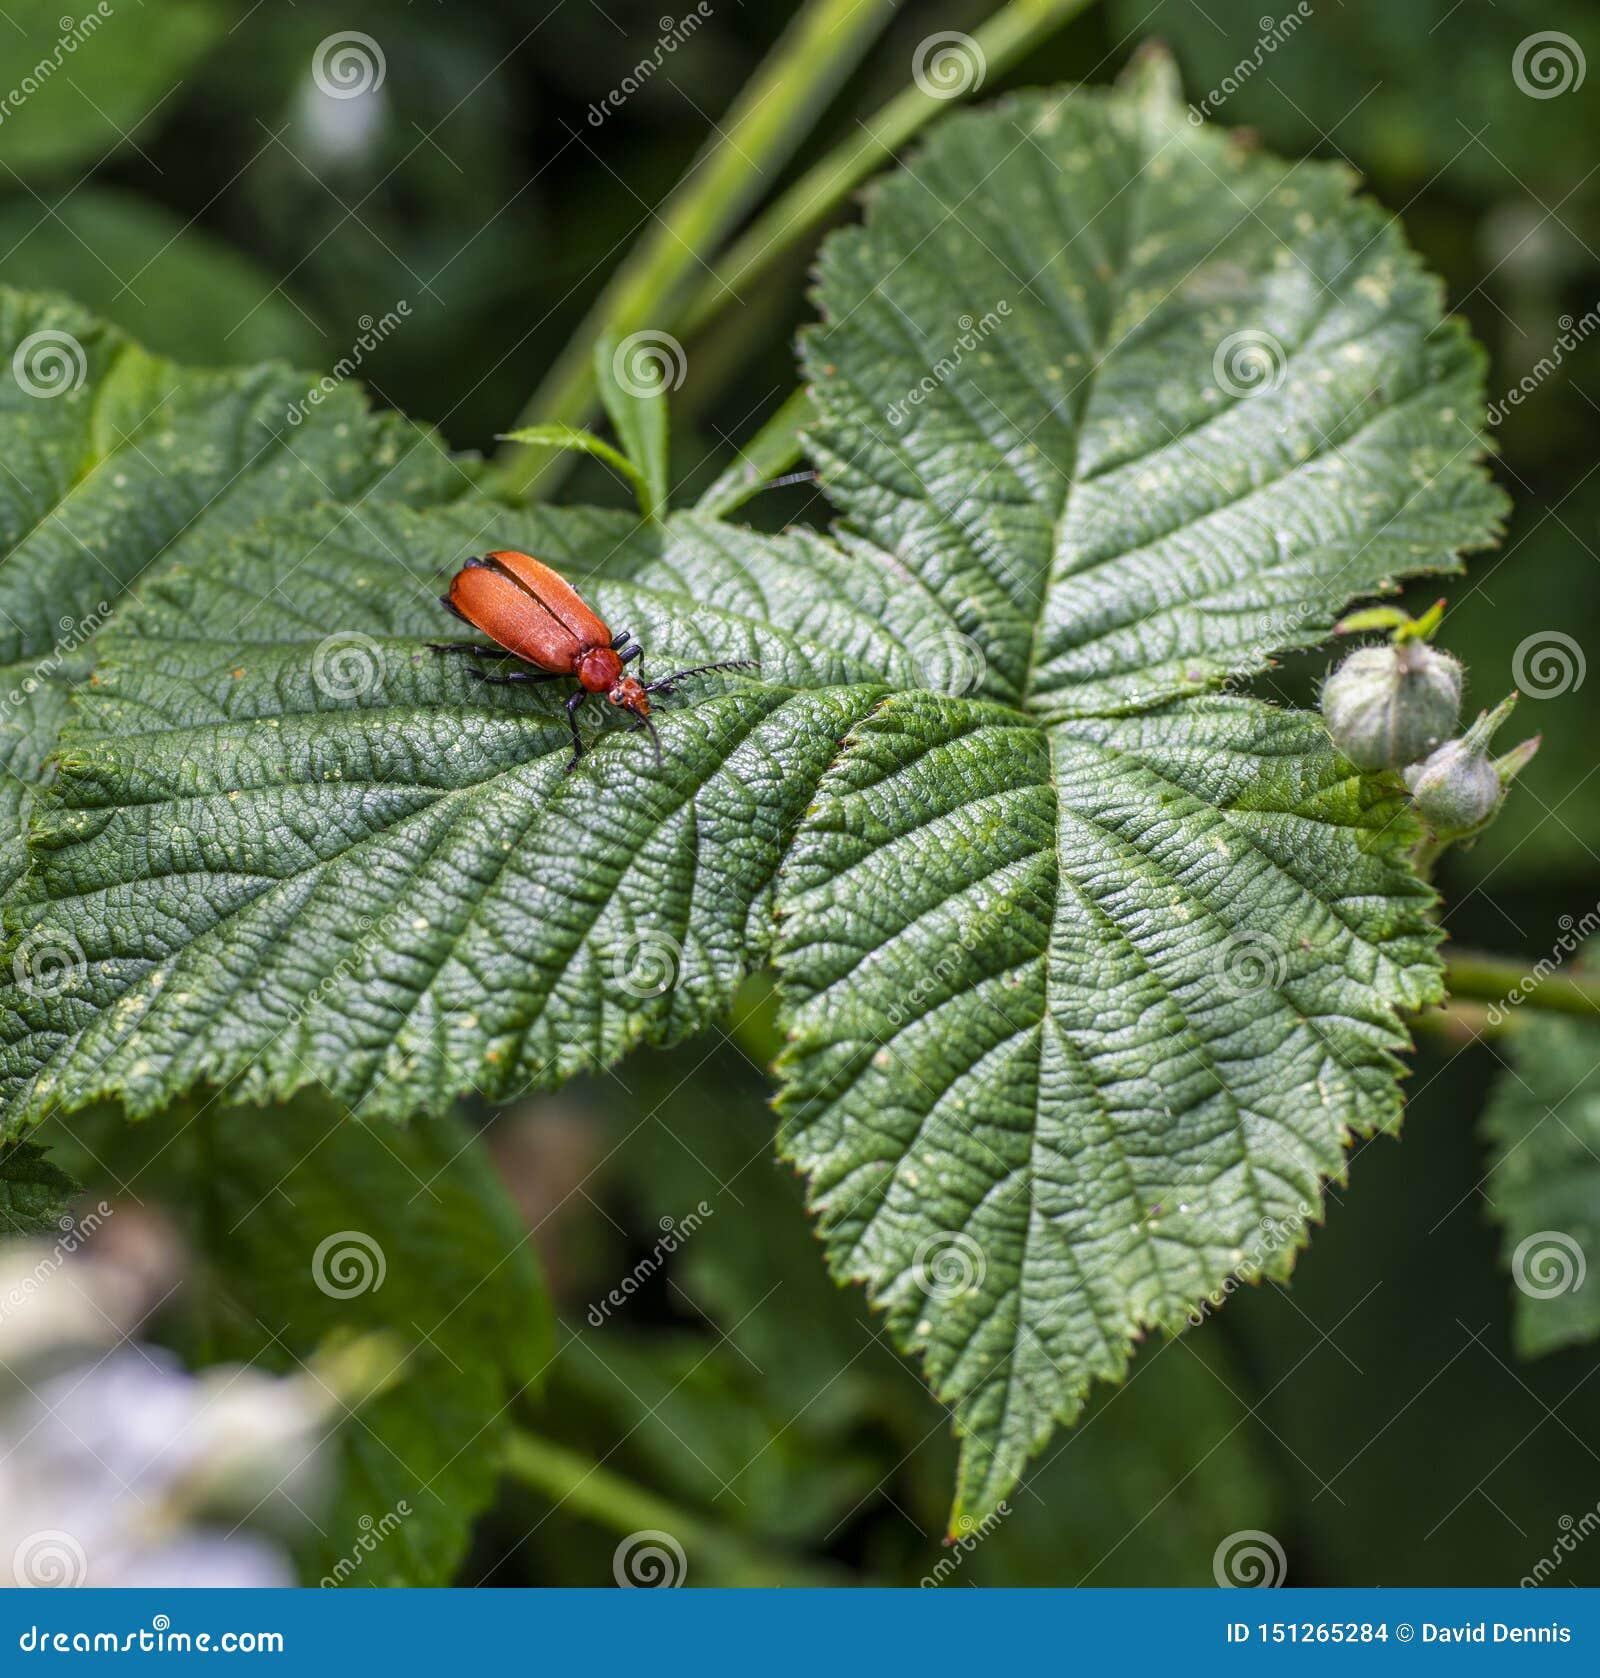 Pyrochroa serraticornis beetle